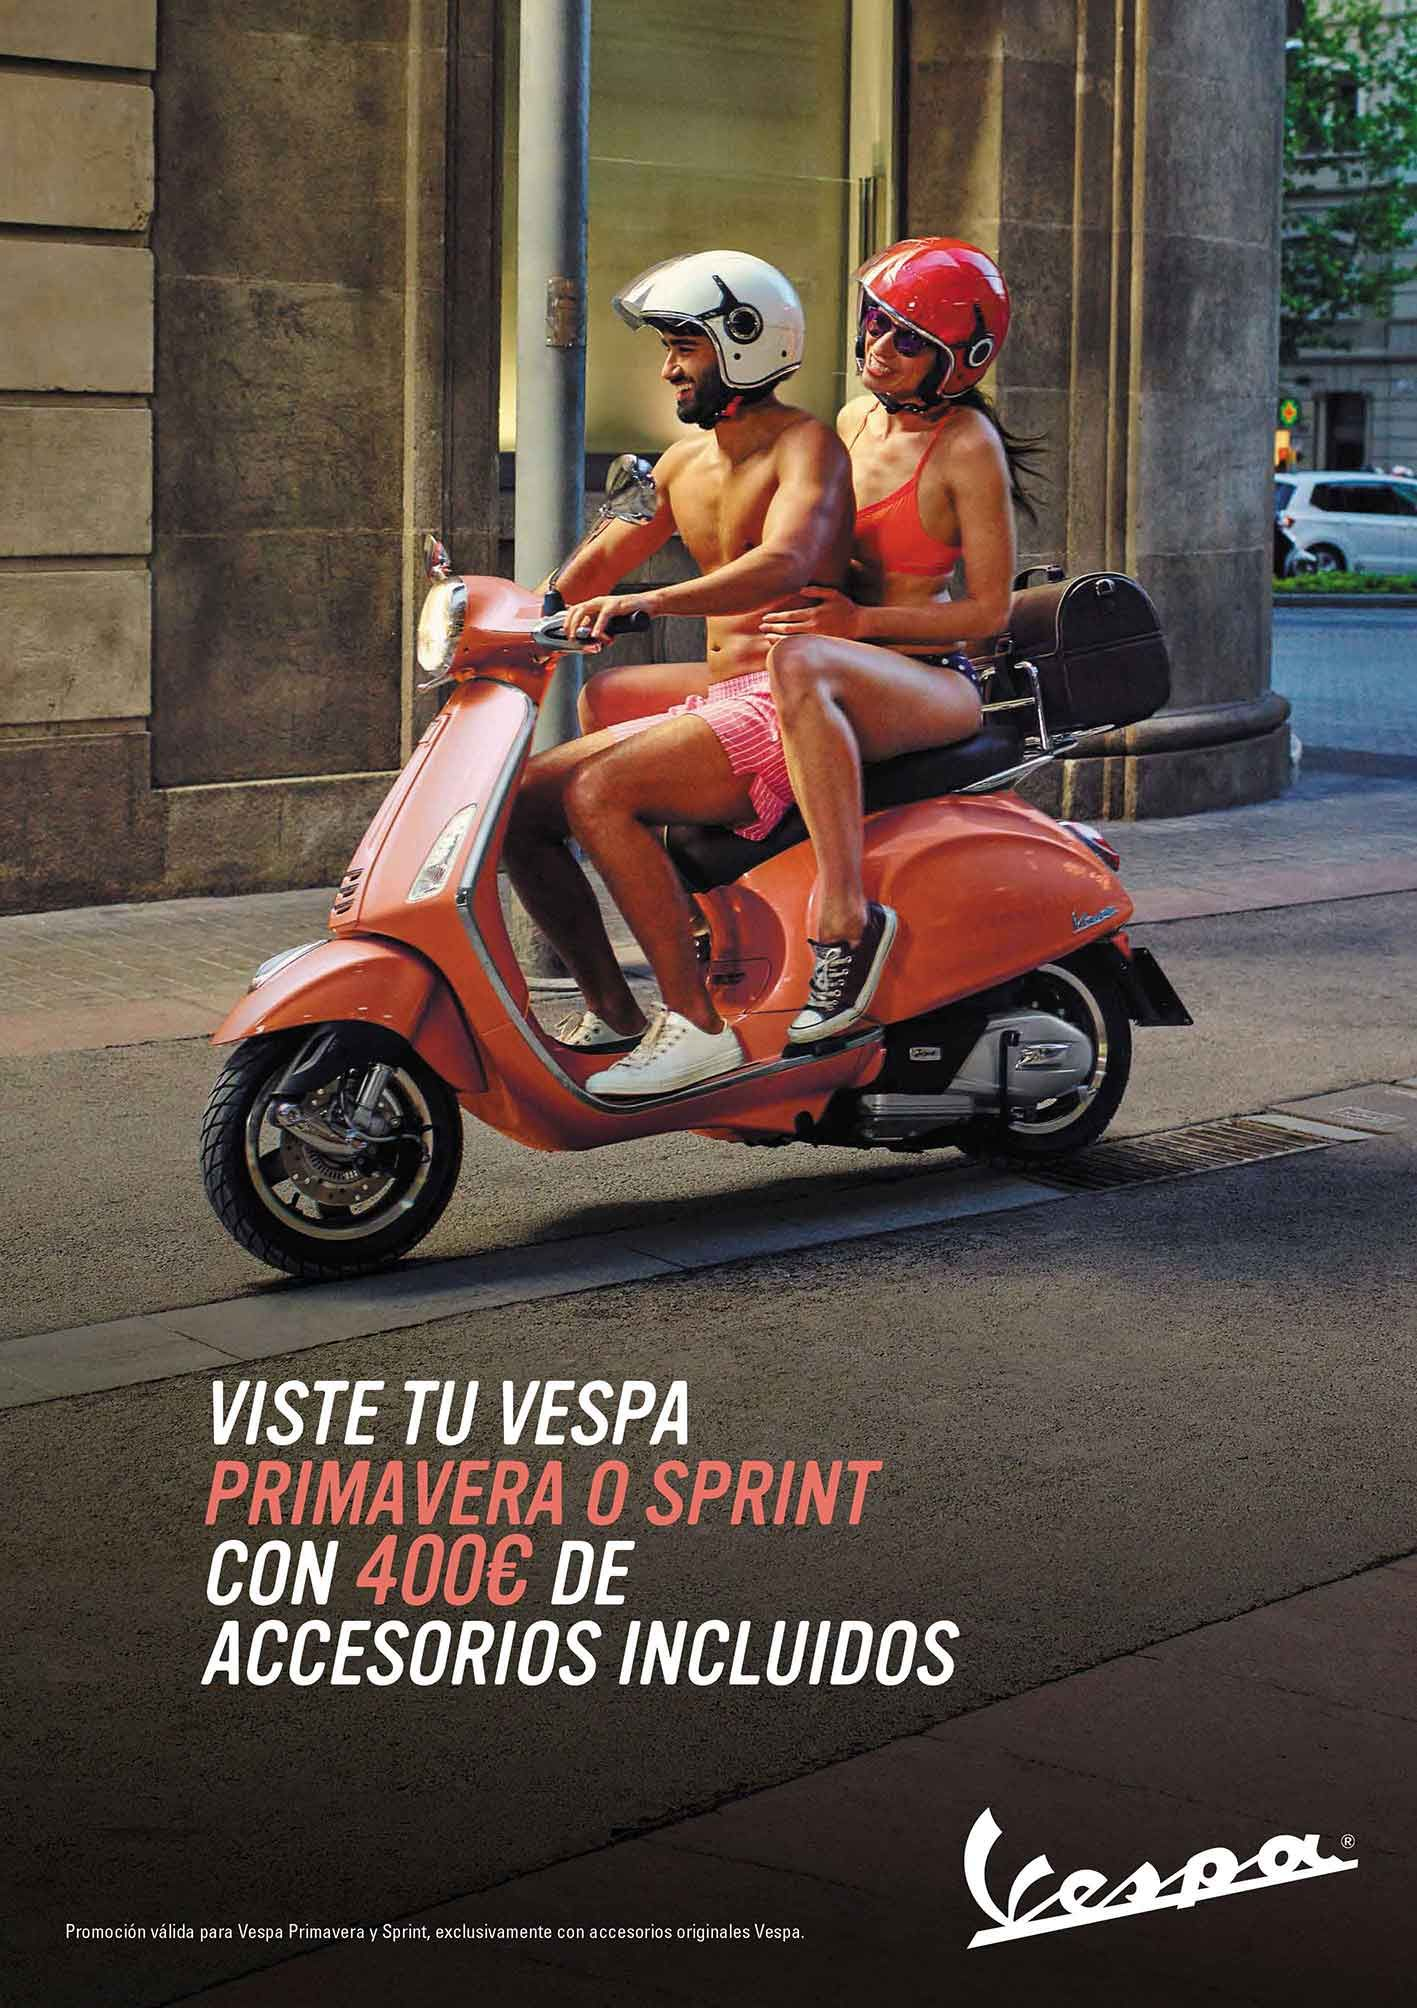 400€ de accesorios gratis al comprar tu Vespa Primavera o Vespa Sprint